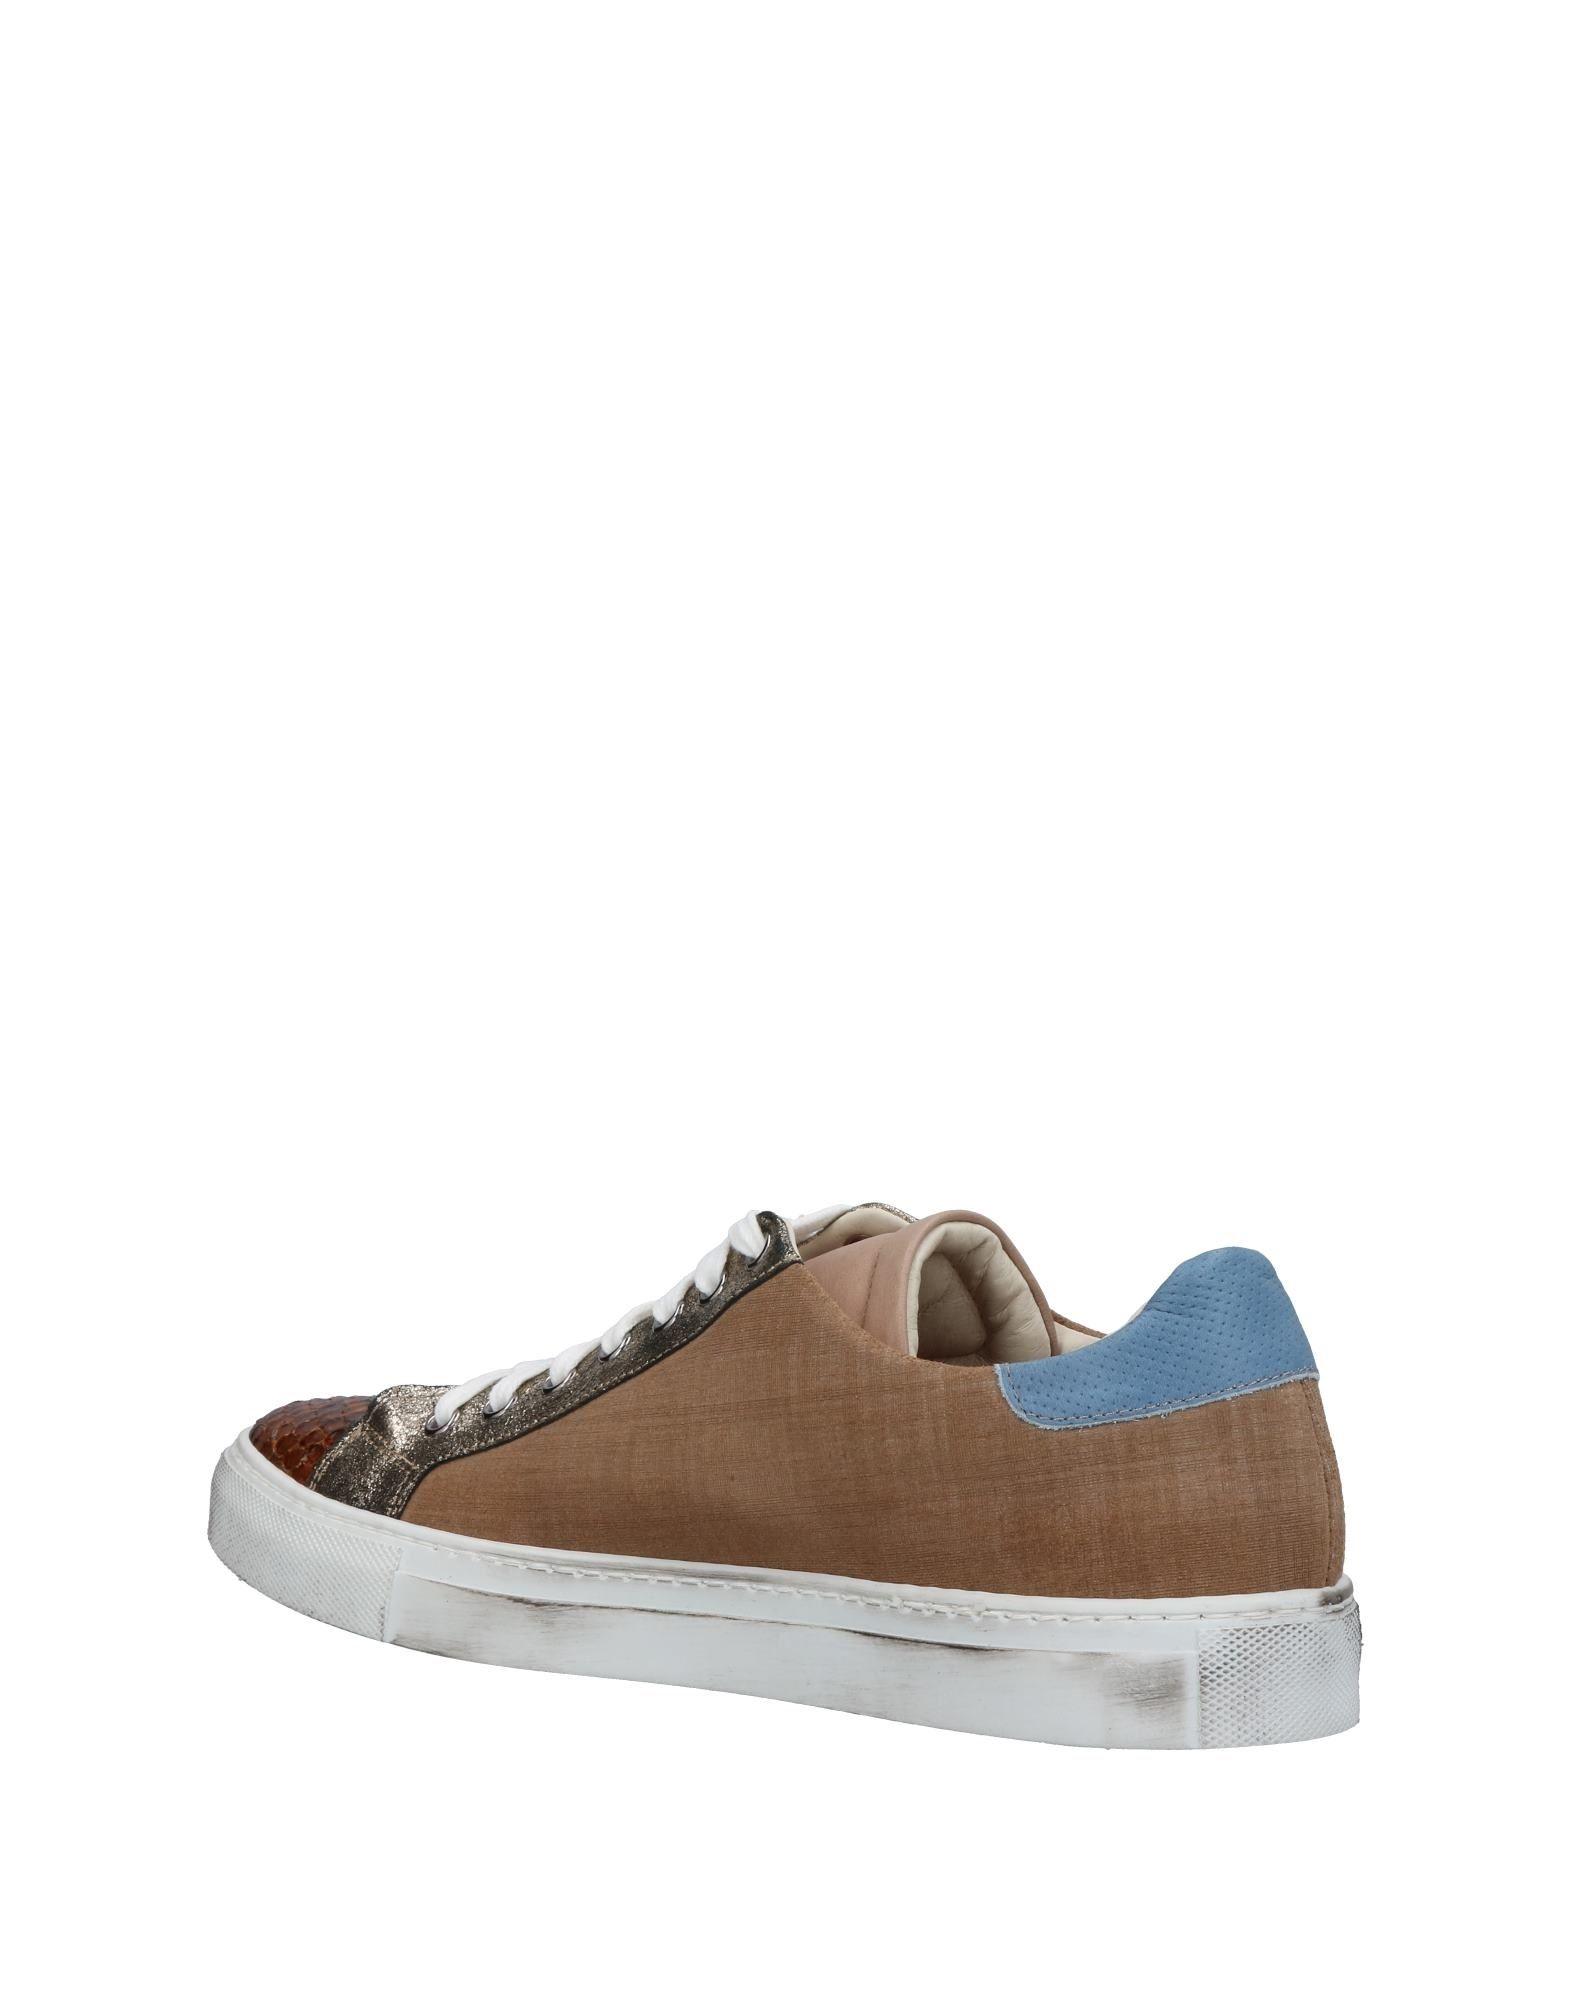 Rabatt echte Schuhe Ebarrito  Sneakers Herren  Ebarrito 11371669PE df2e88